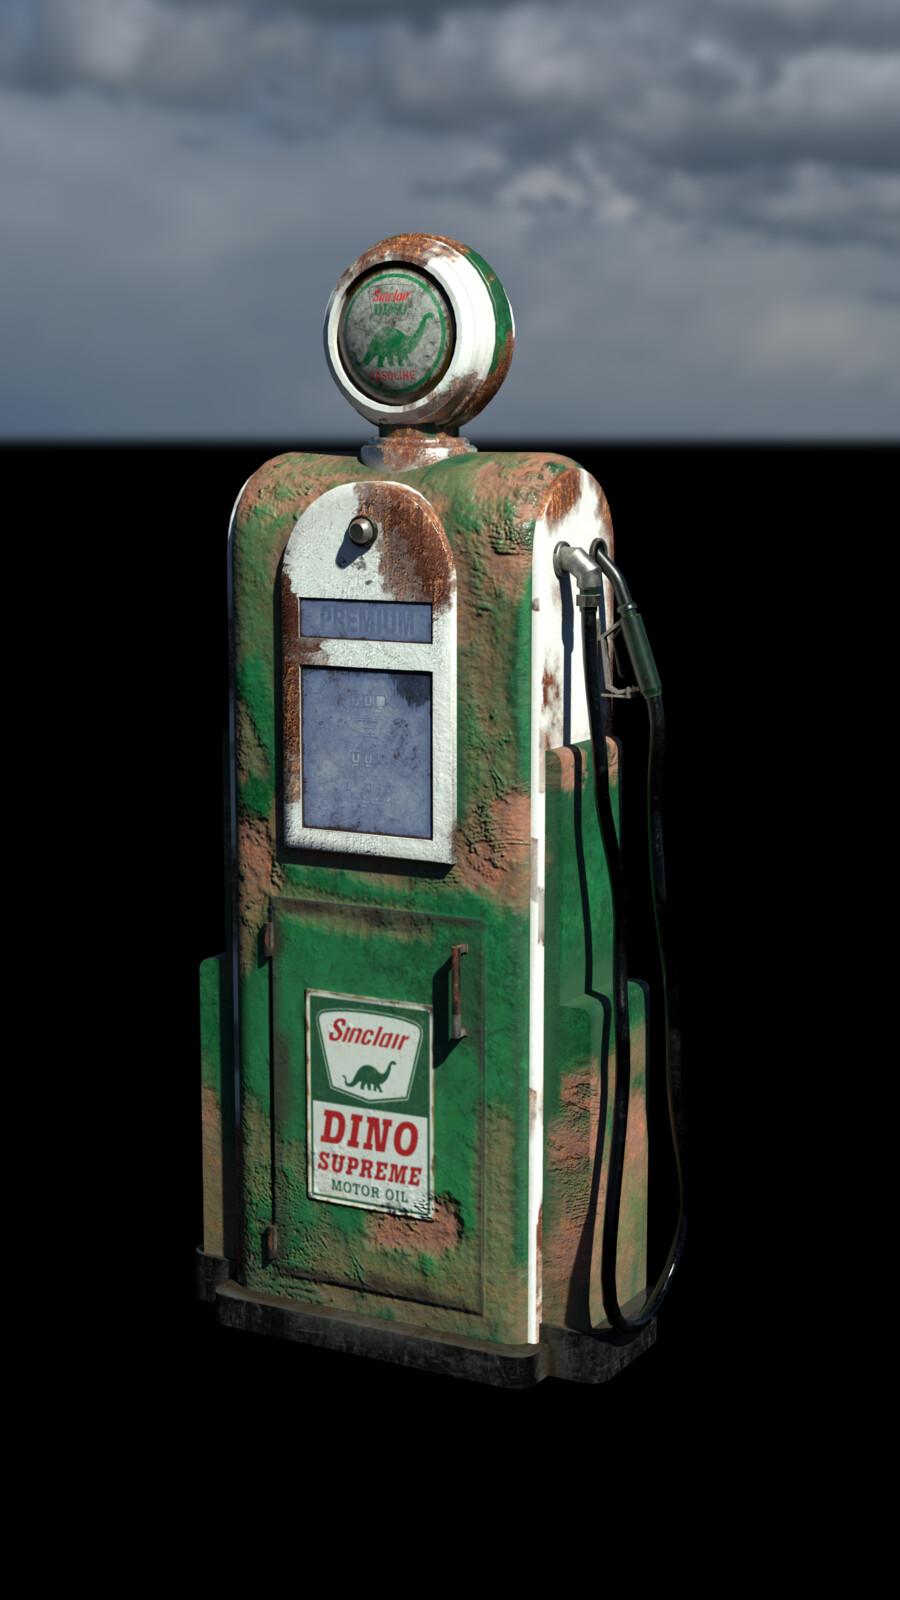 Worn 1950s Sinclair Gas Pump